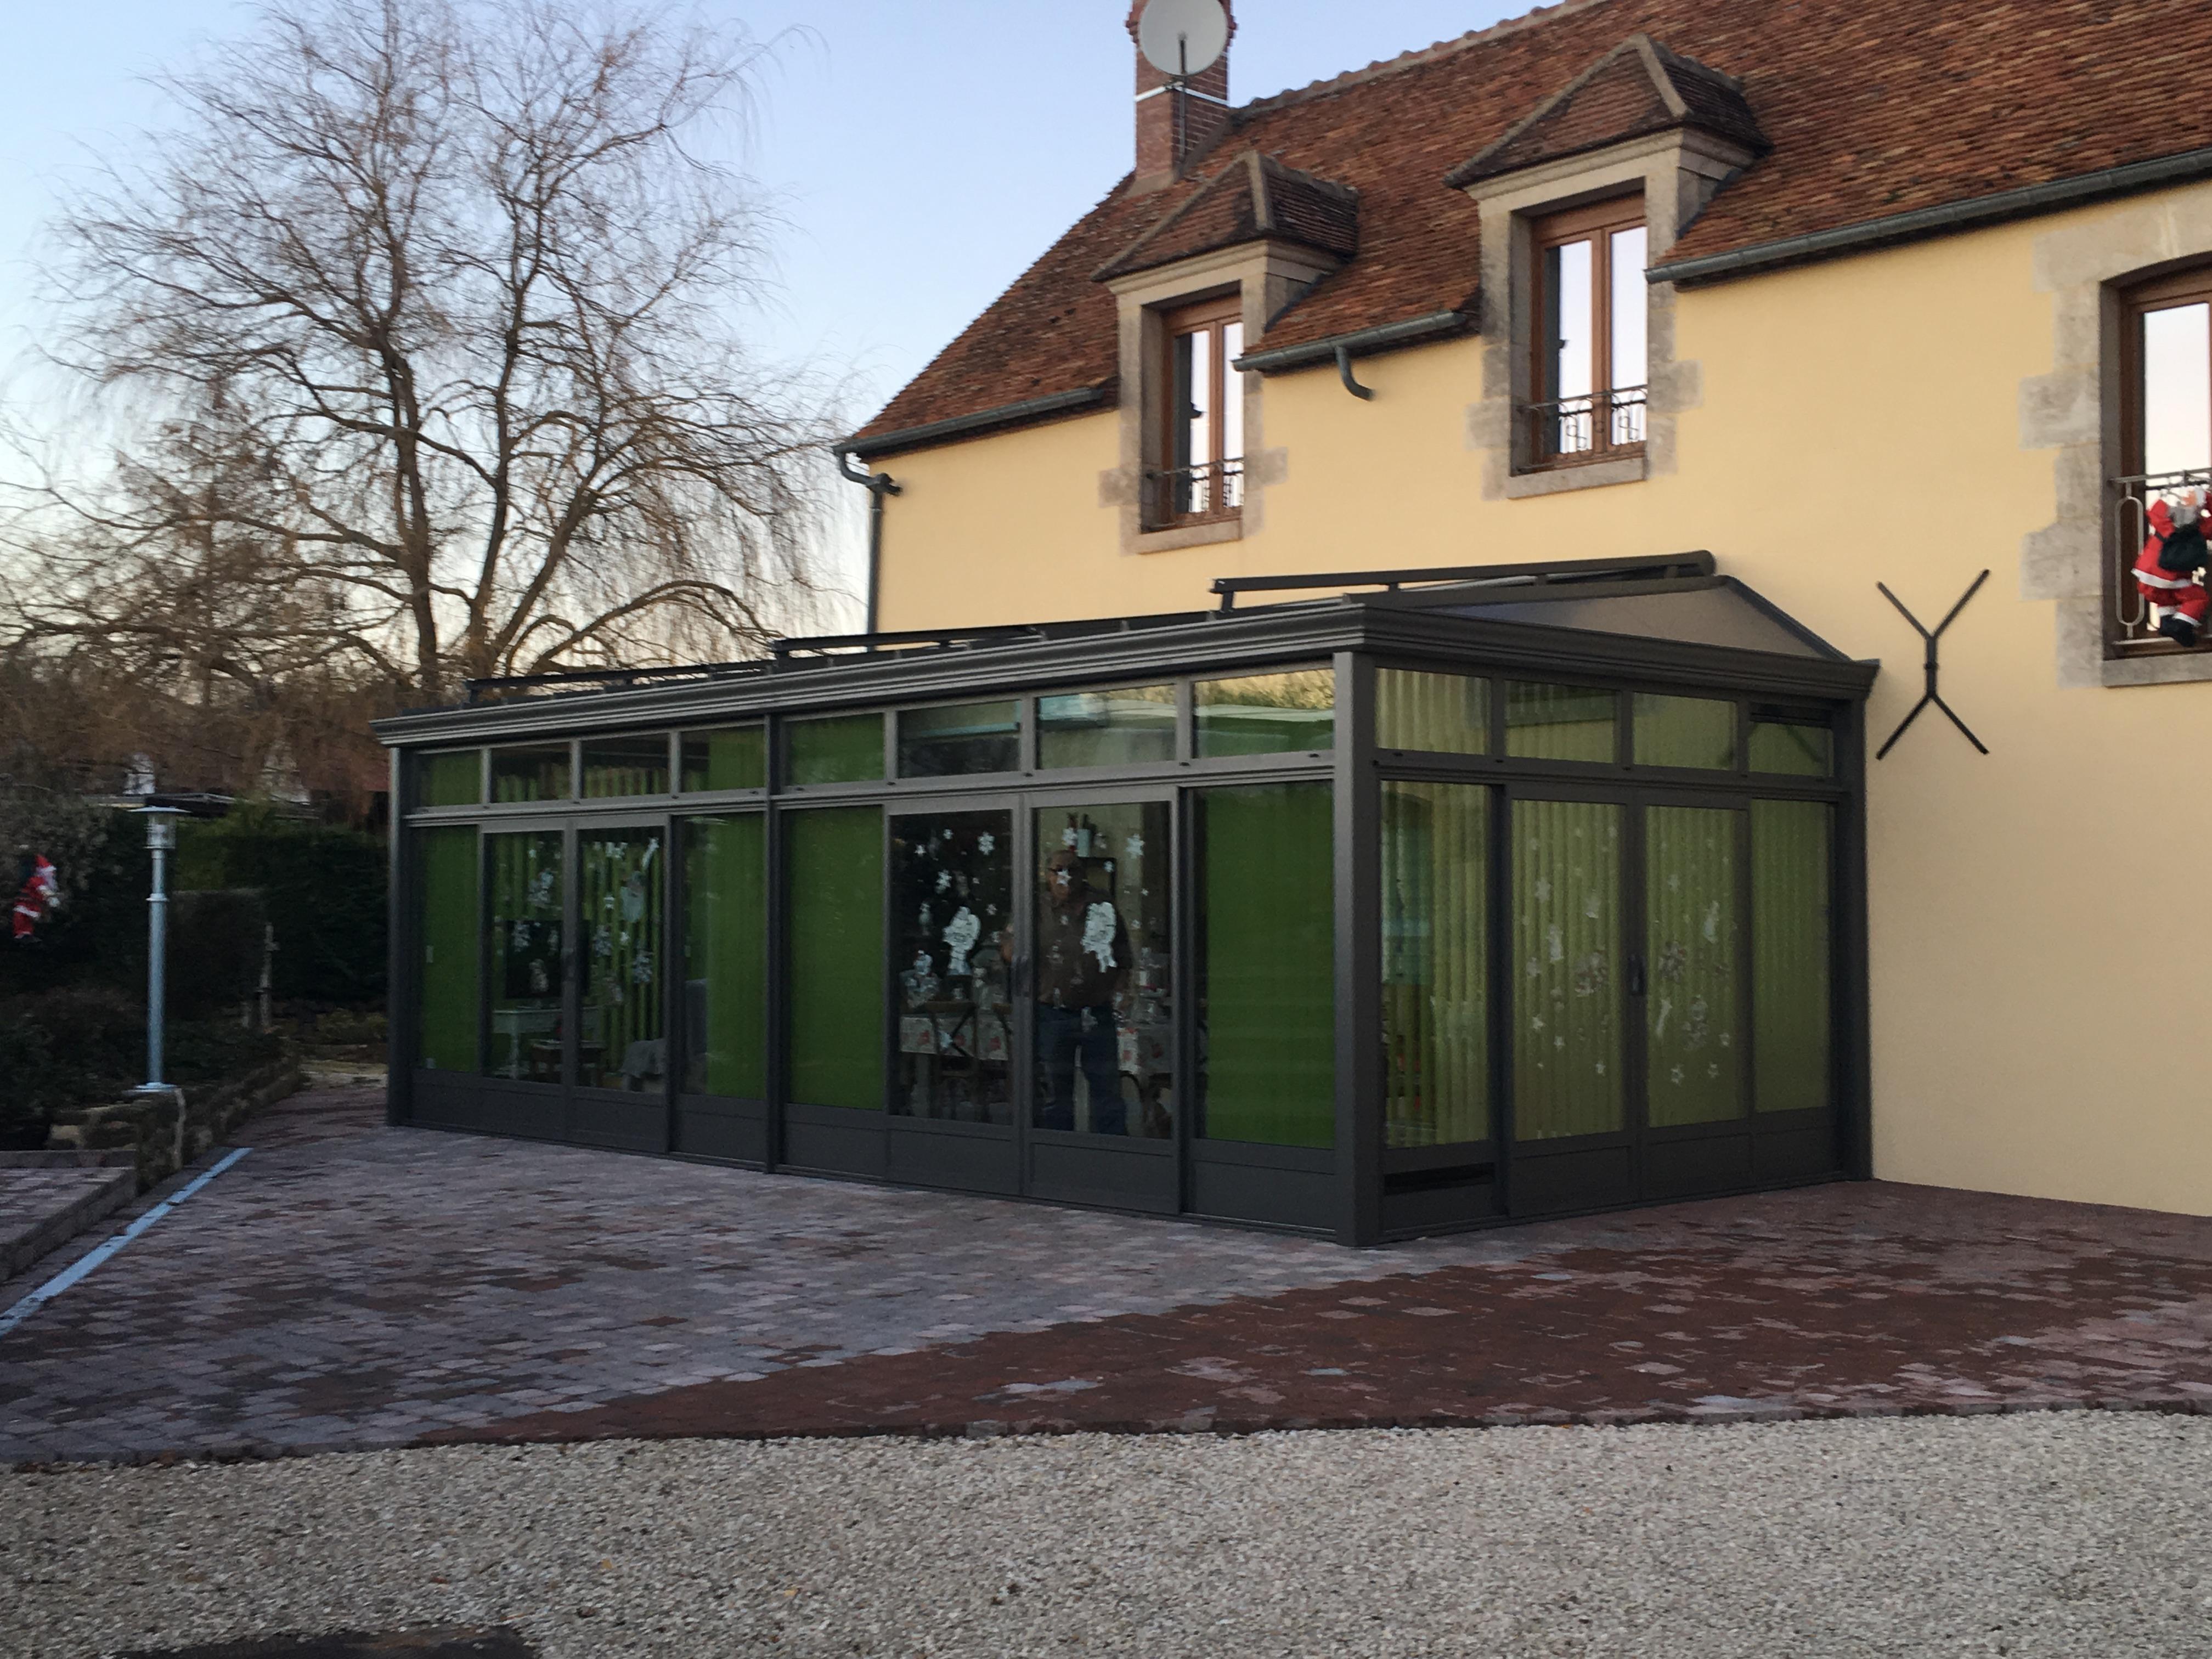 pose-verandas-entreprise-paul-guillot-cosne-sur-loire-arquian-nievre-07